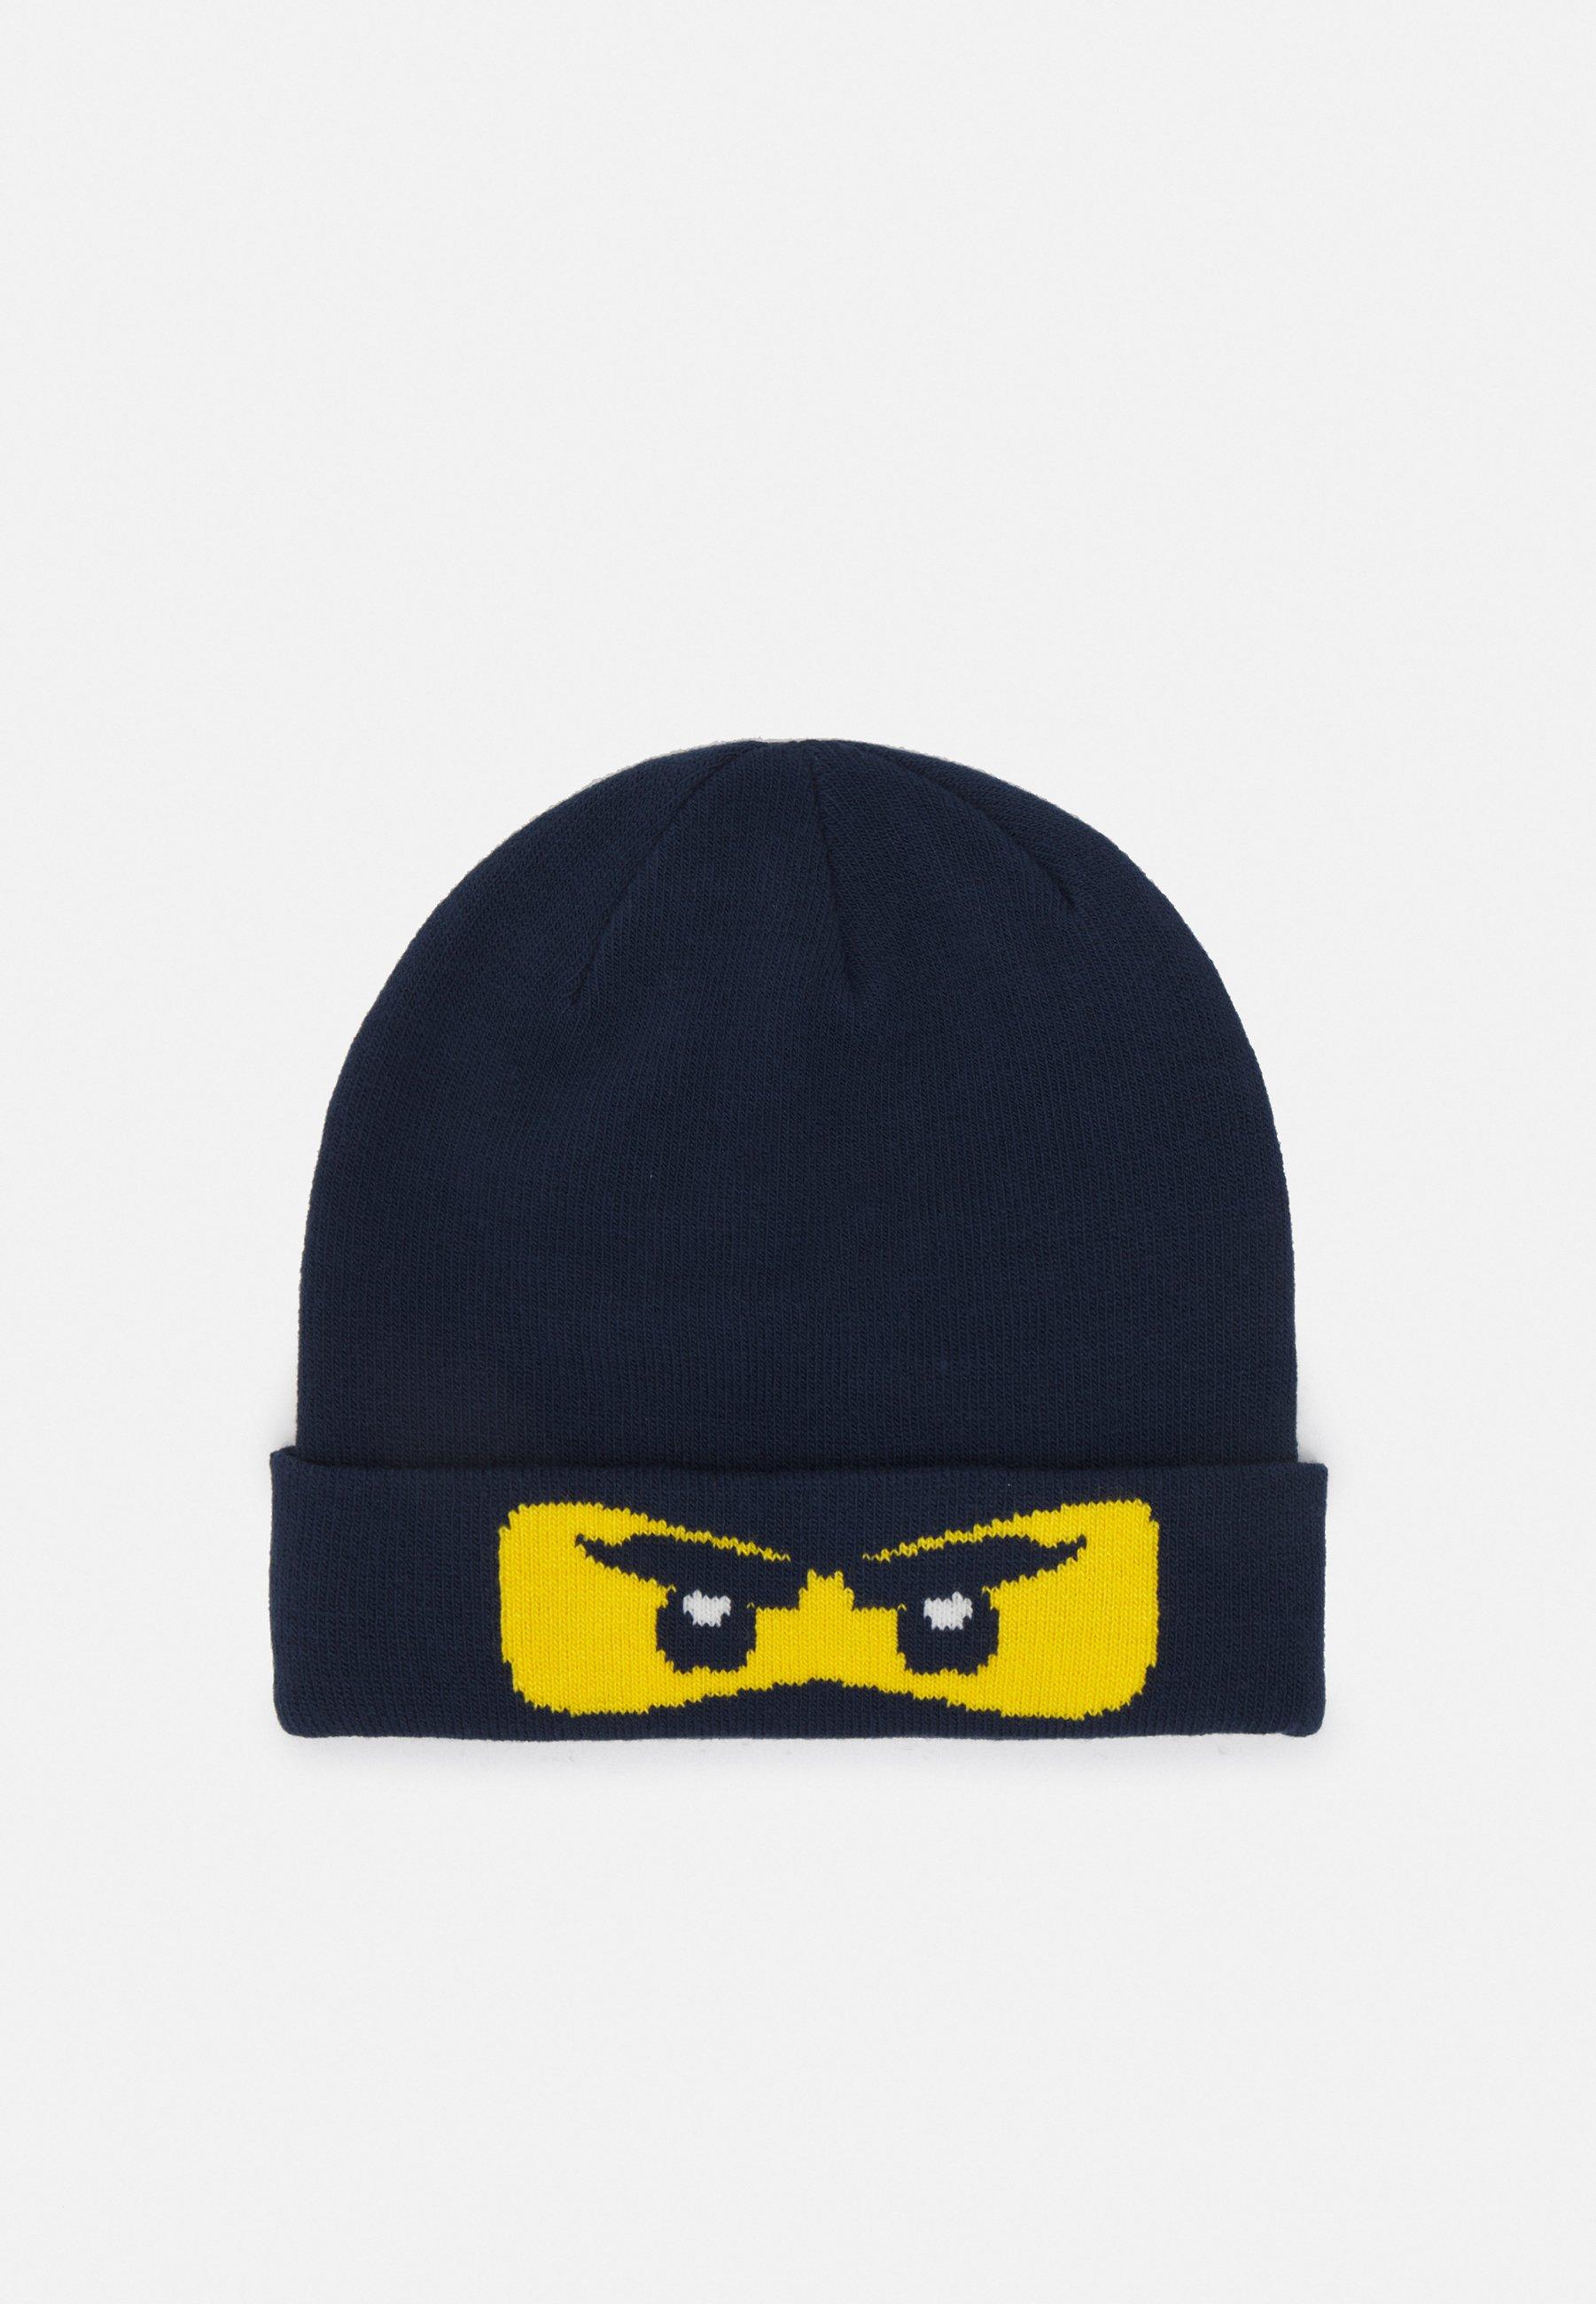 Kinder HAT UNISEX - Mütze